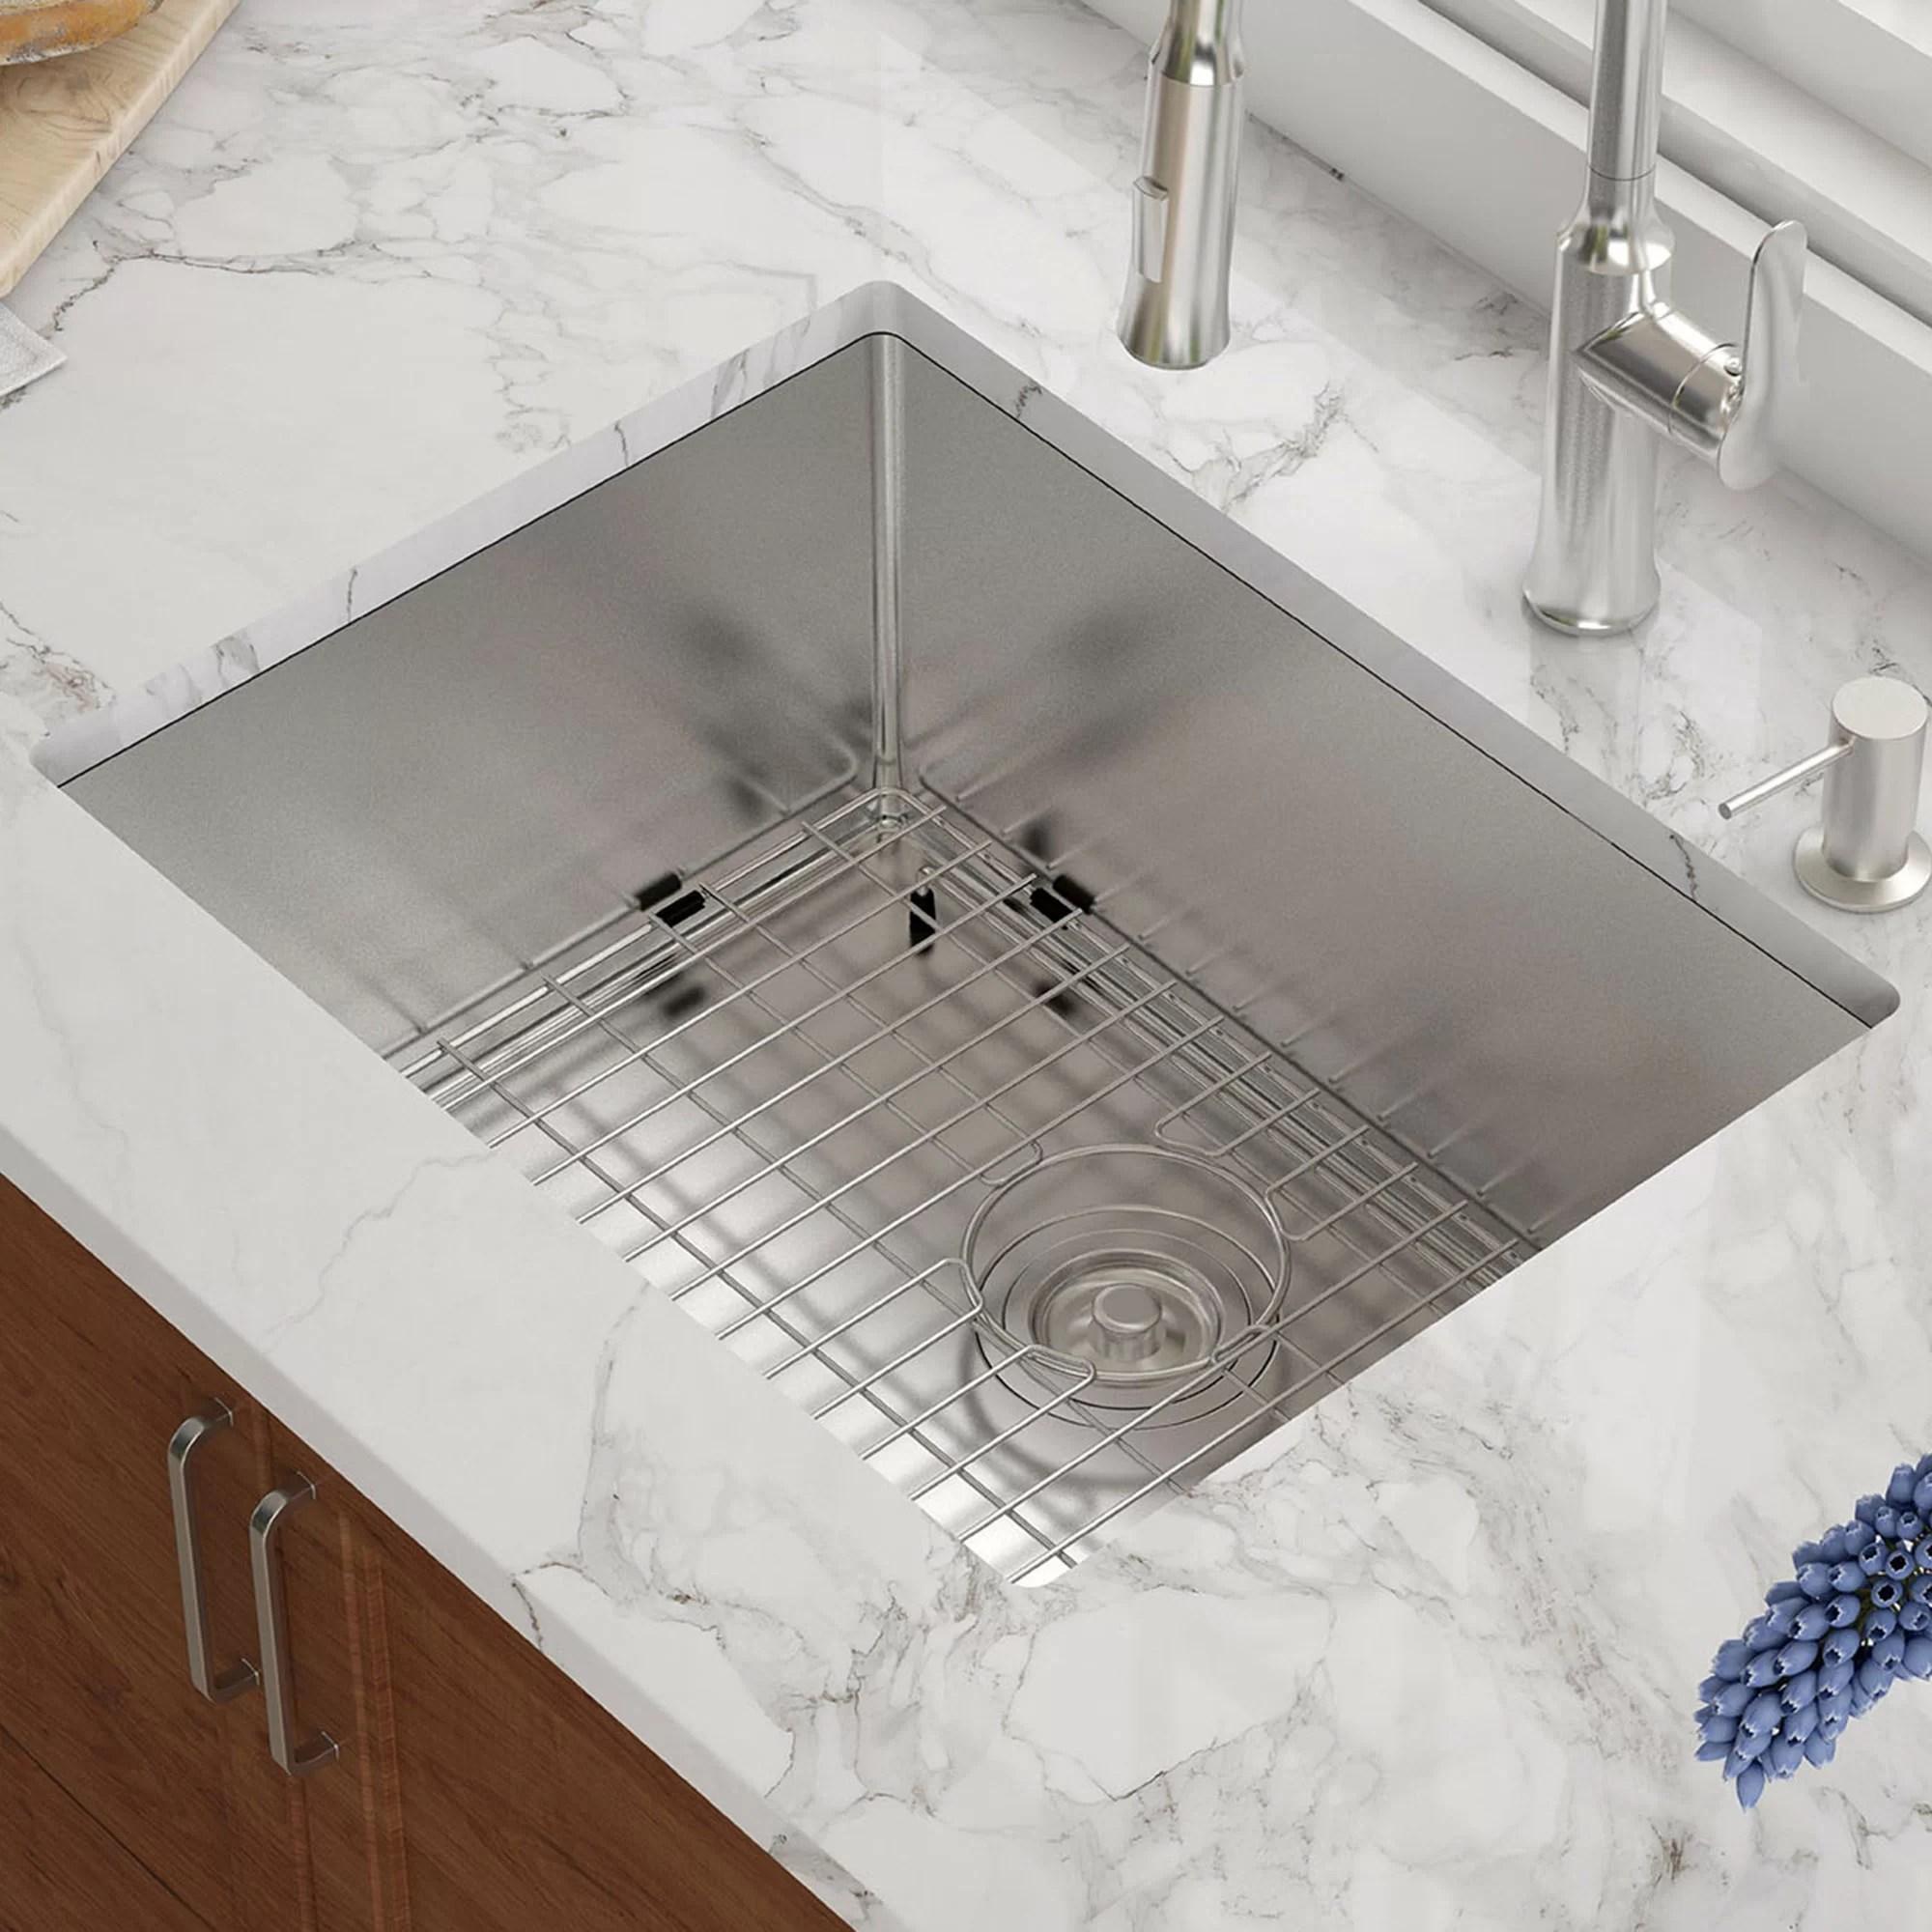 high end kitchen sinks hand soap khu101 23 kraus l x 18 w undermount sink reviews